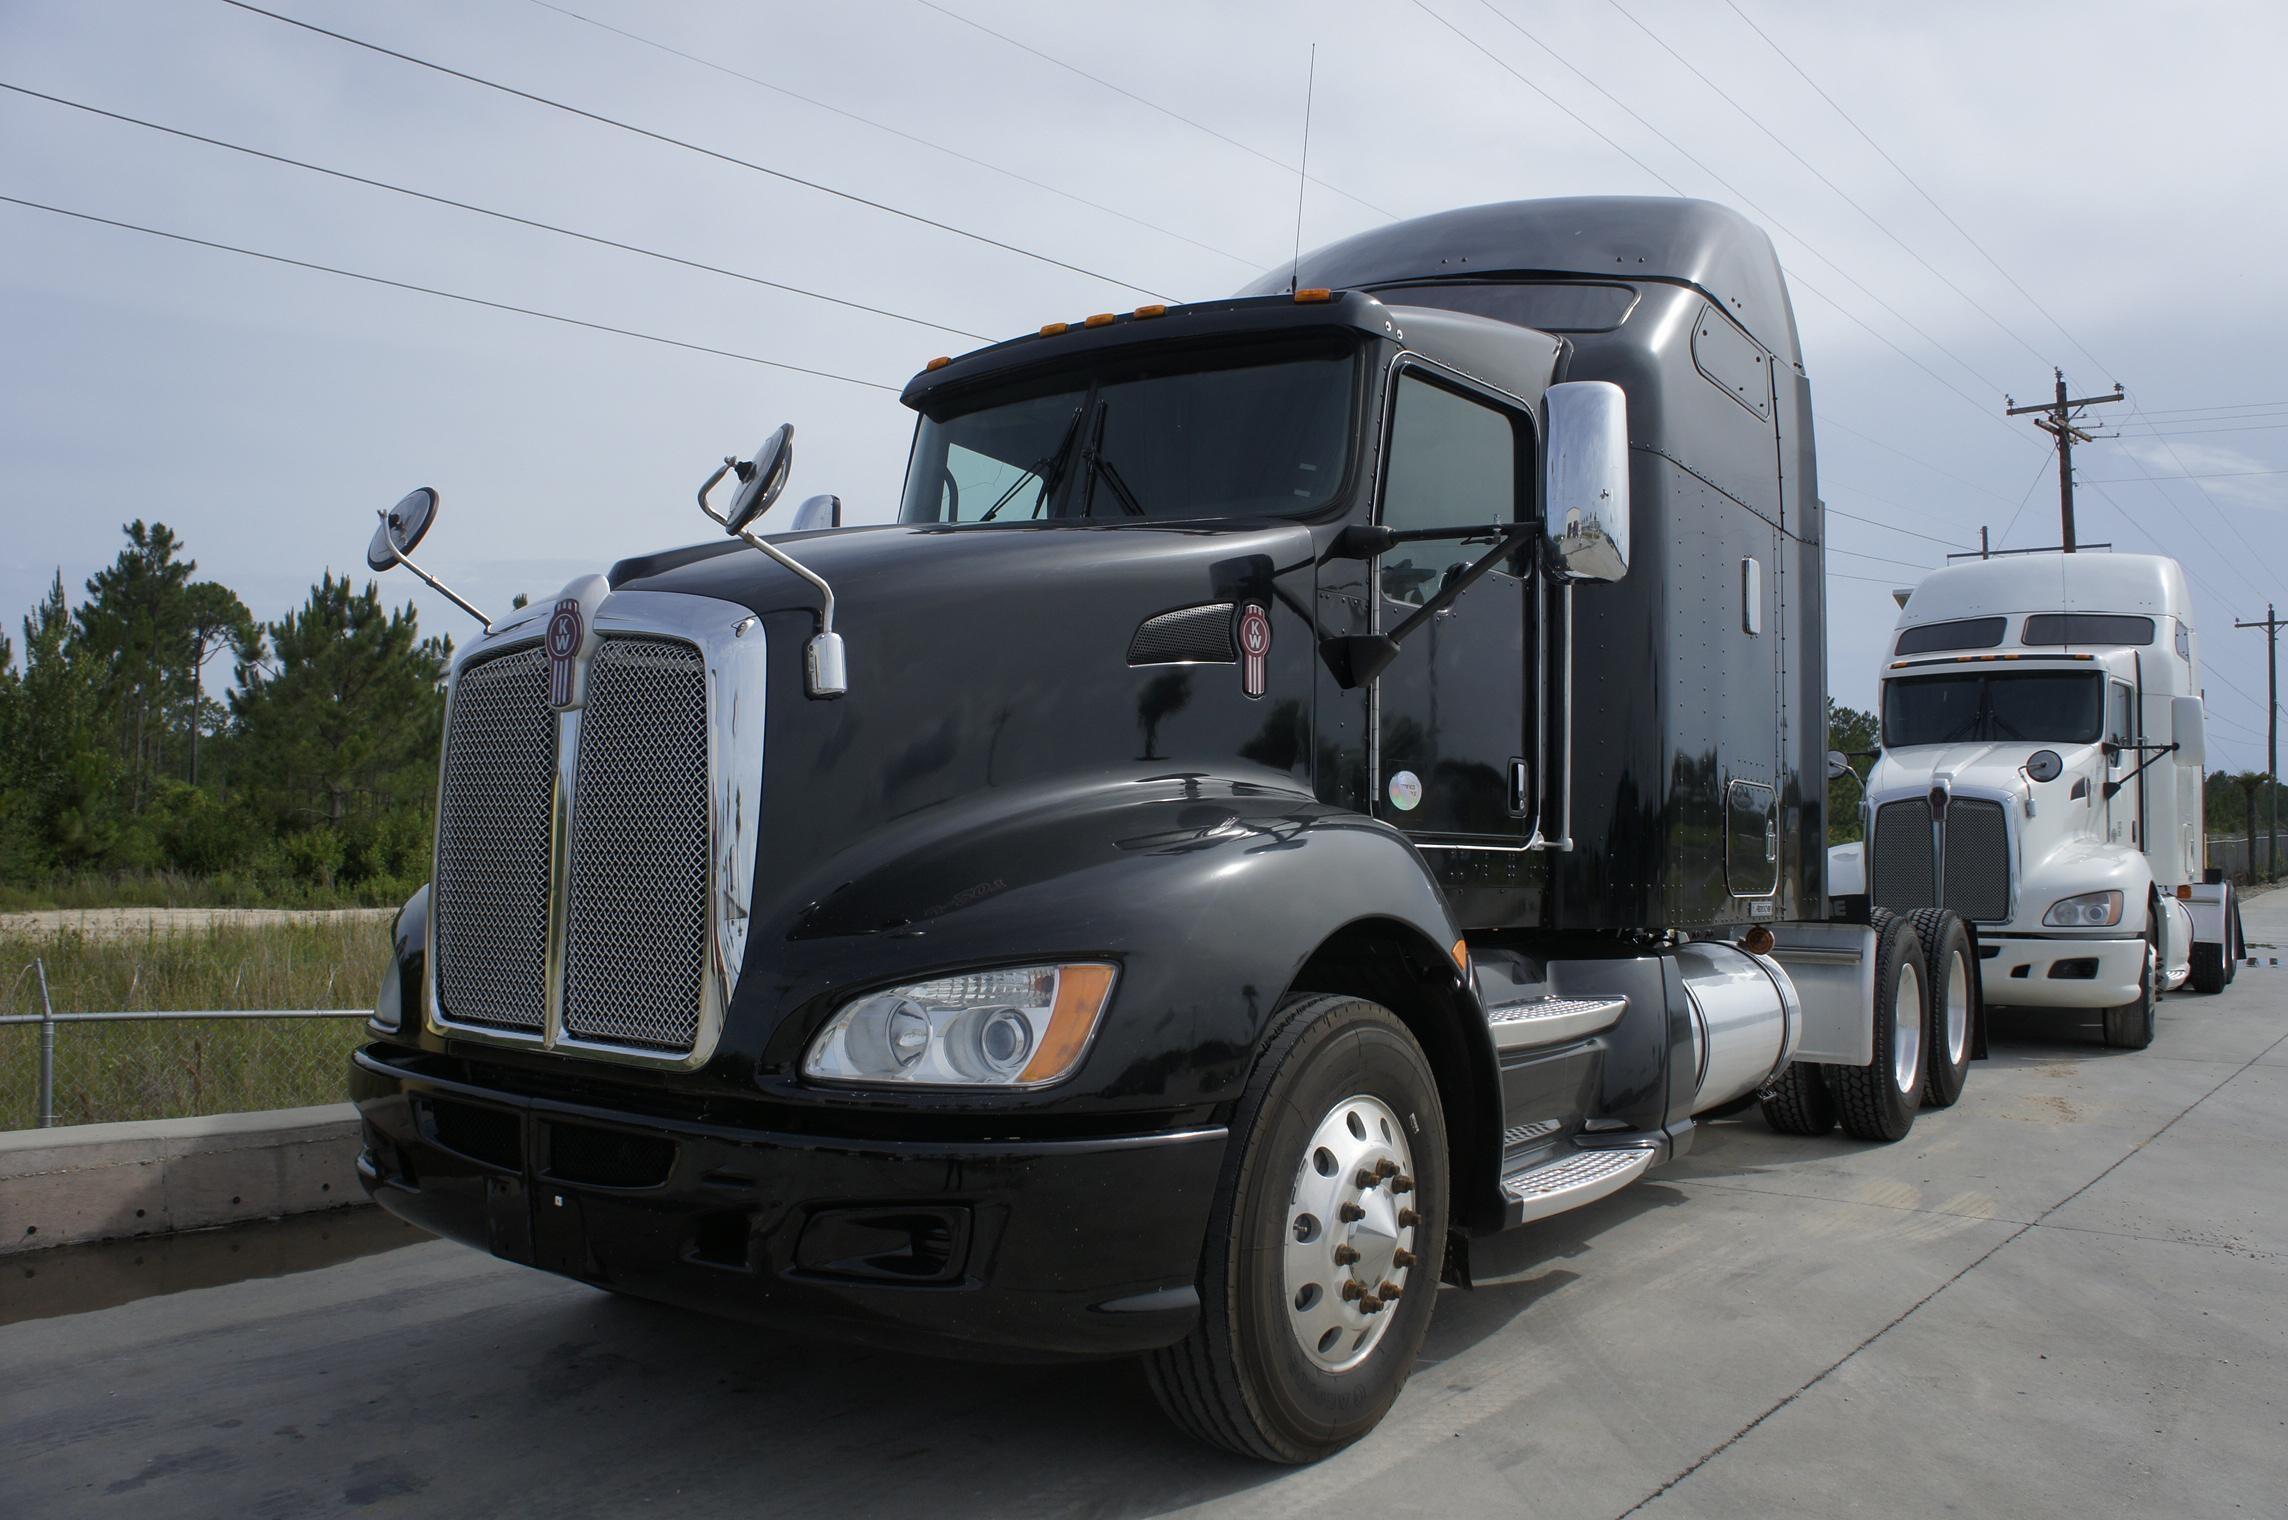 USED 2011 KENWORTH T660 SLEEPER TRUCK #78722